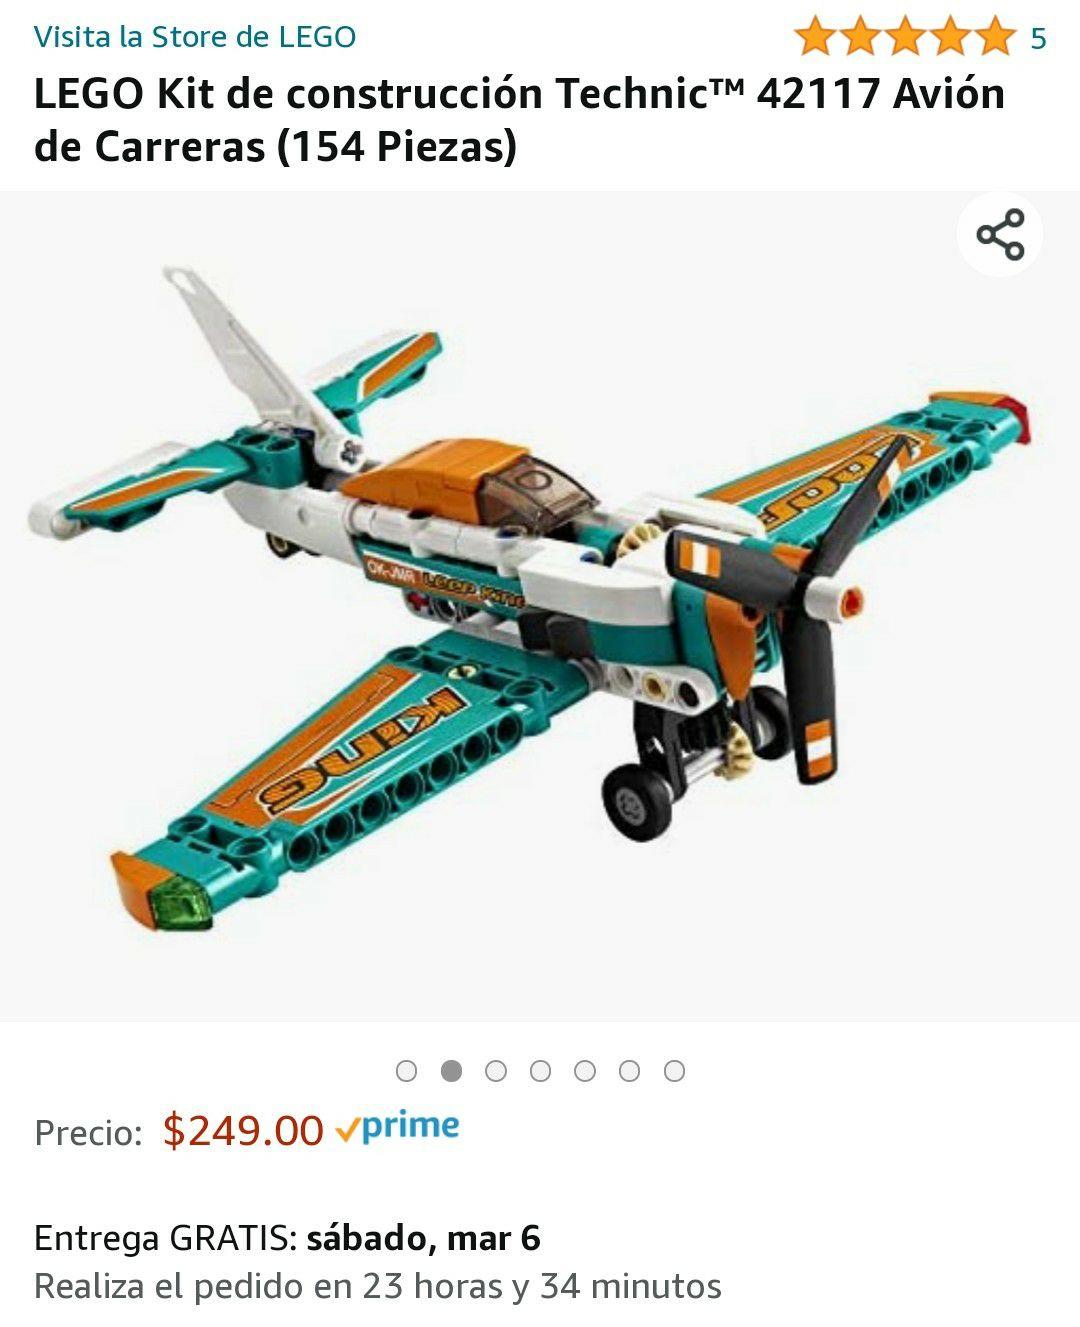 Amazon: LEGO Kit de construcción Technic™ 42117 Avión de Carreras (154 Piezas)